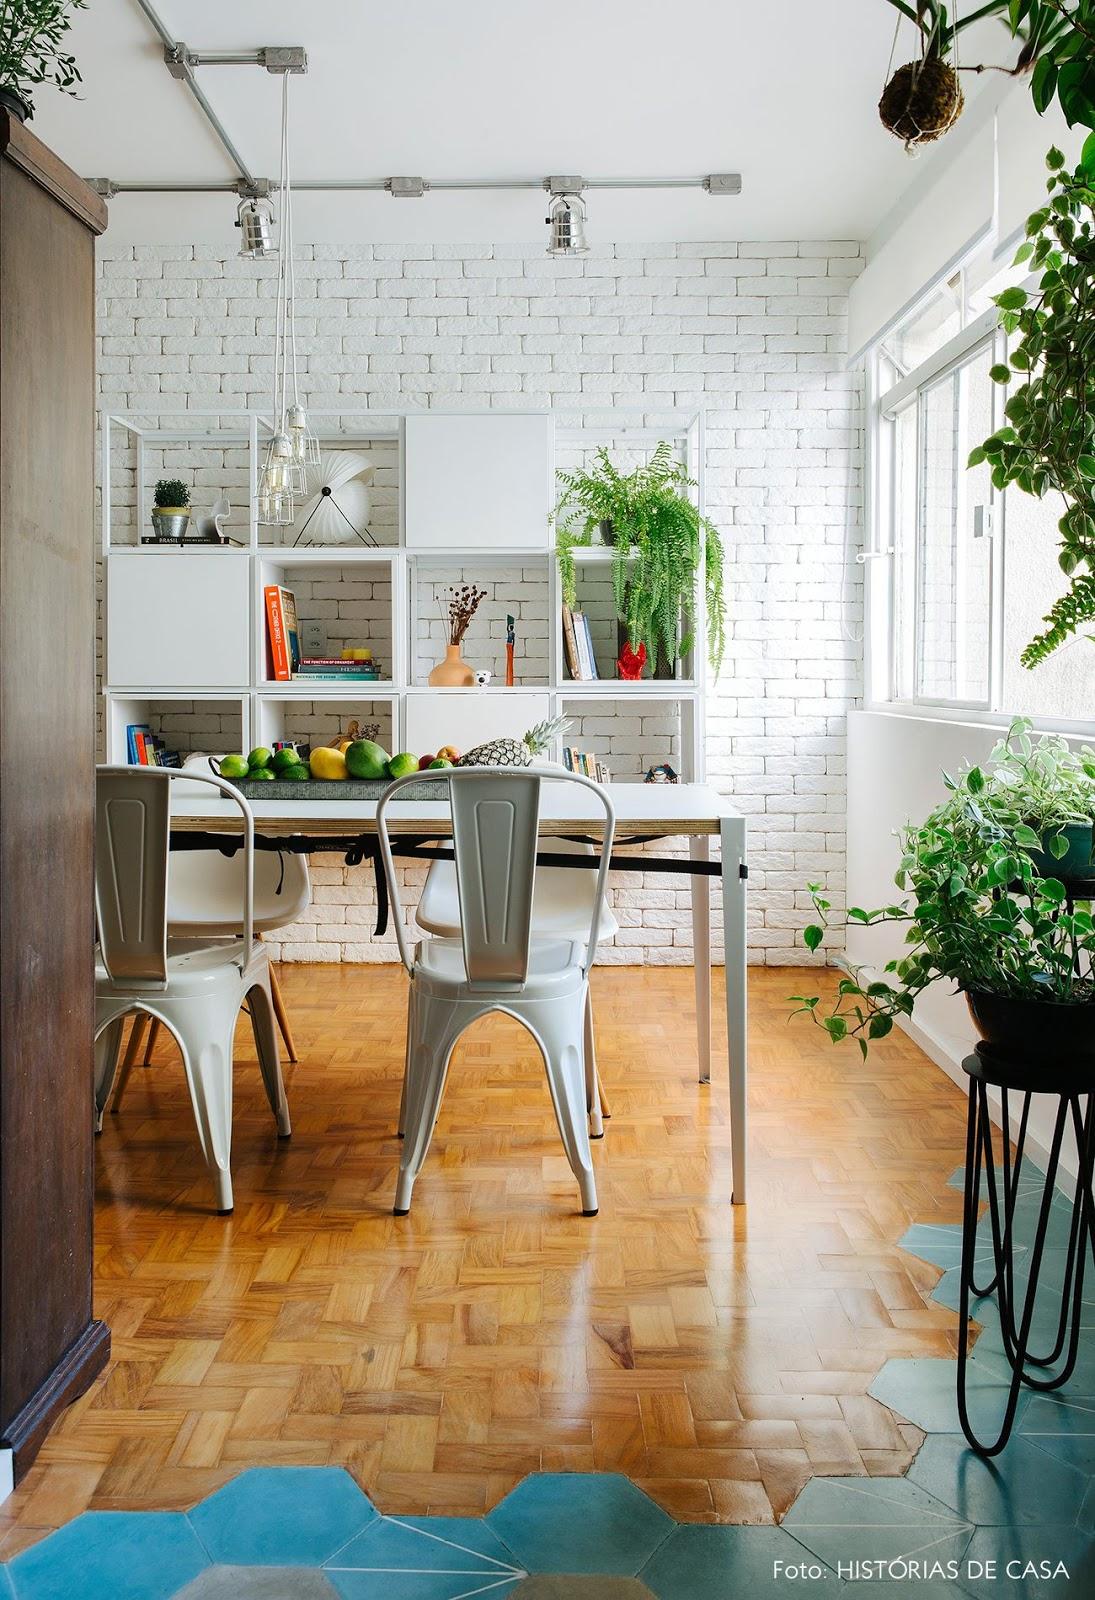 cozinha sala integrada piso revestimento hexagonal azul